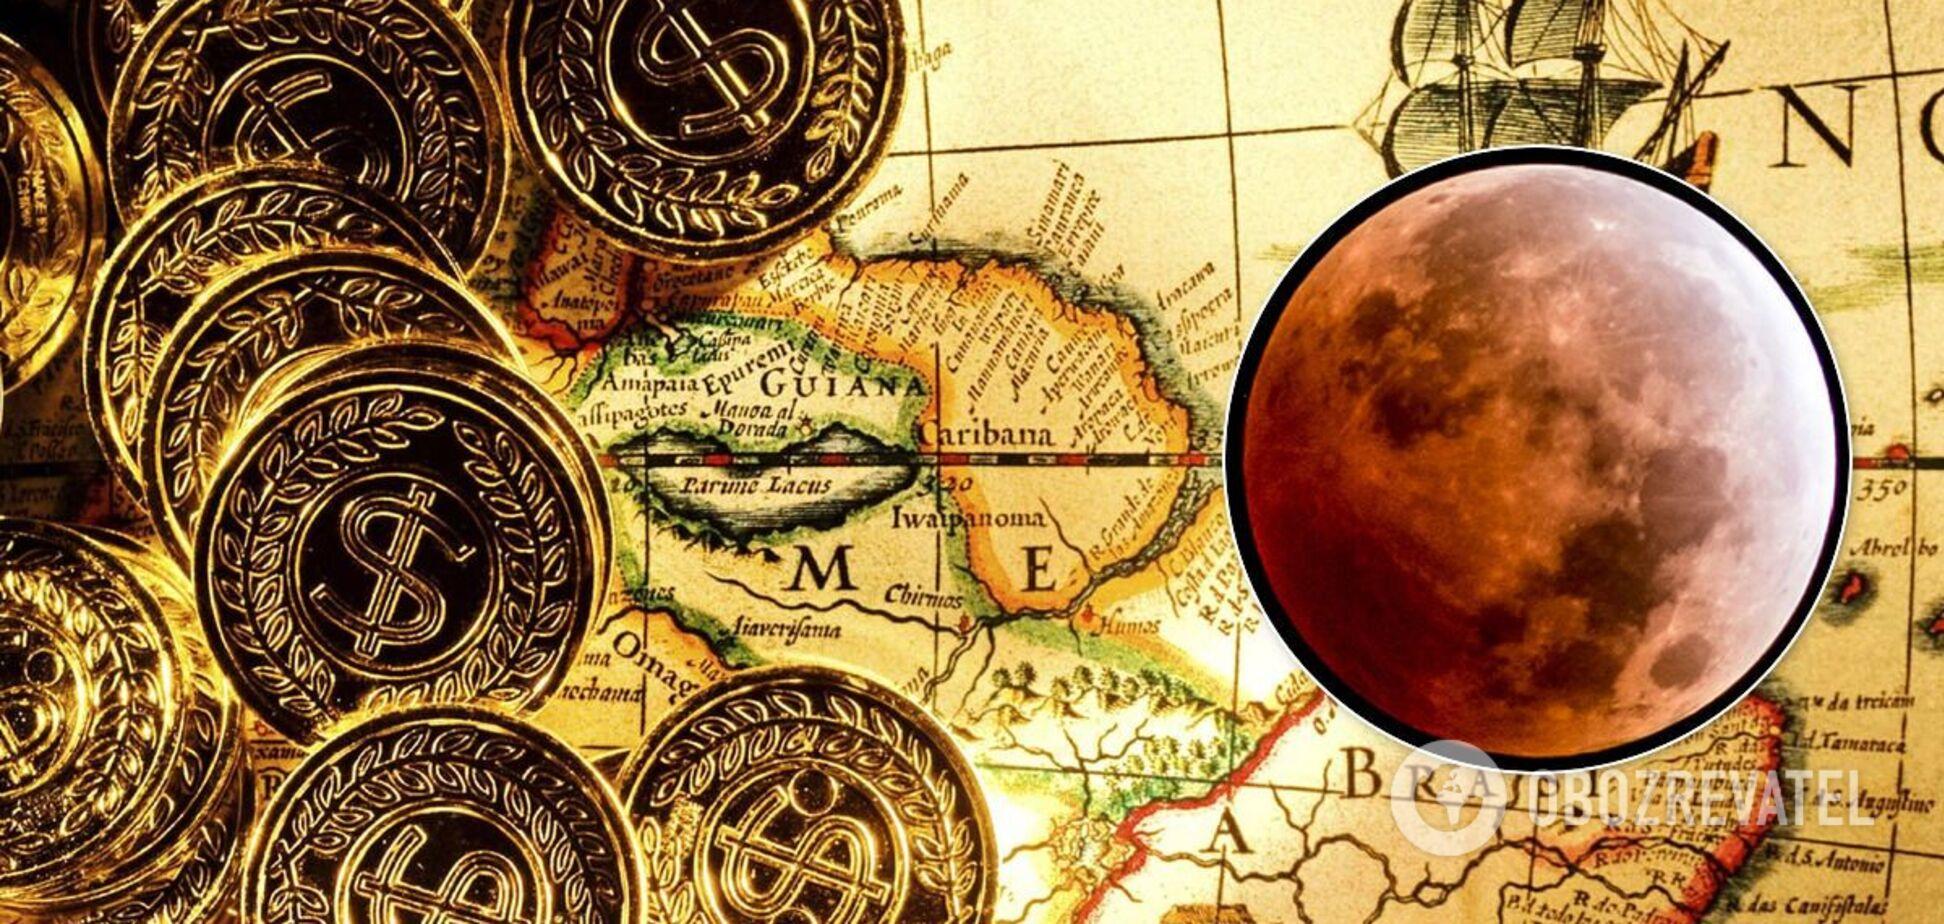 Затемнення 30 листопада стане спусковим гачком